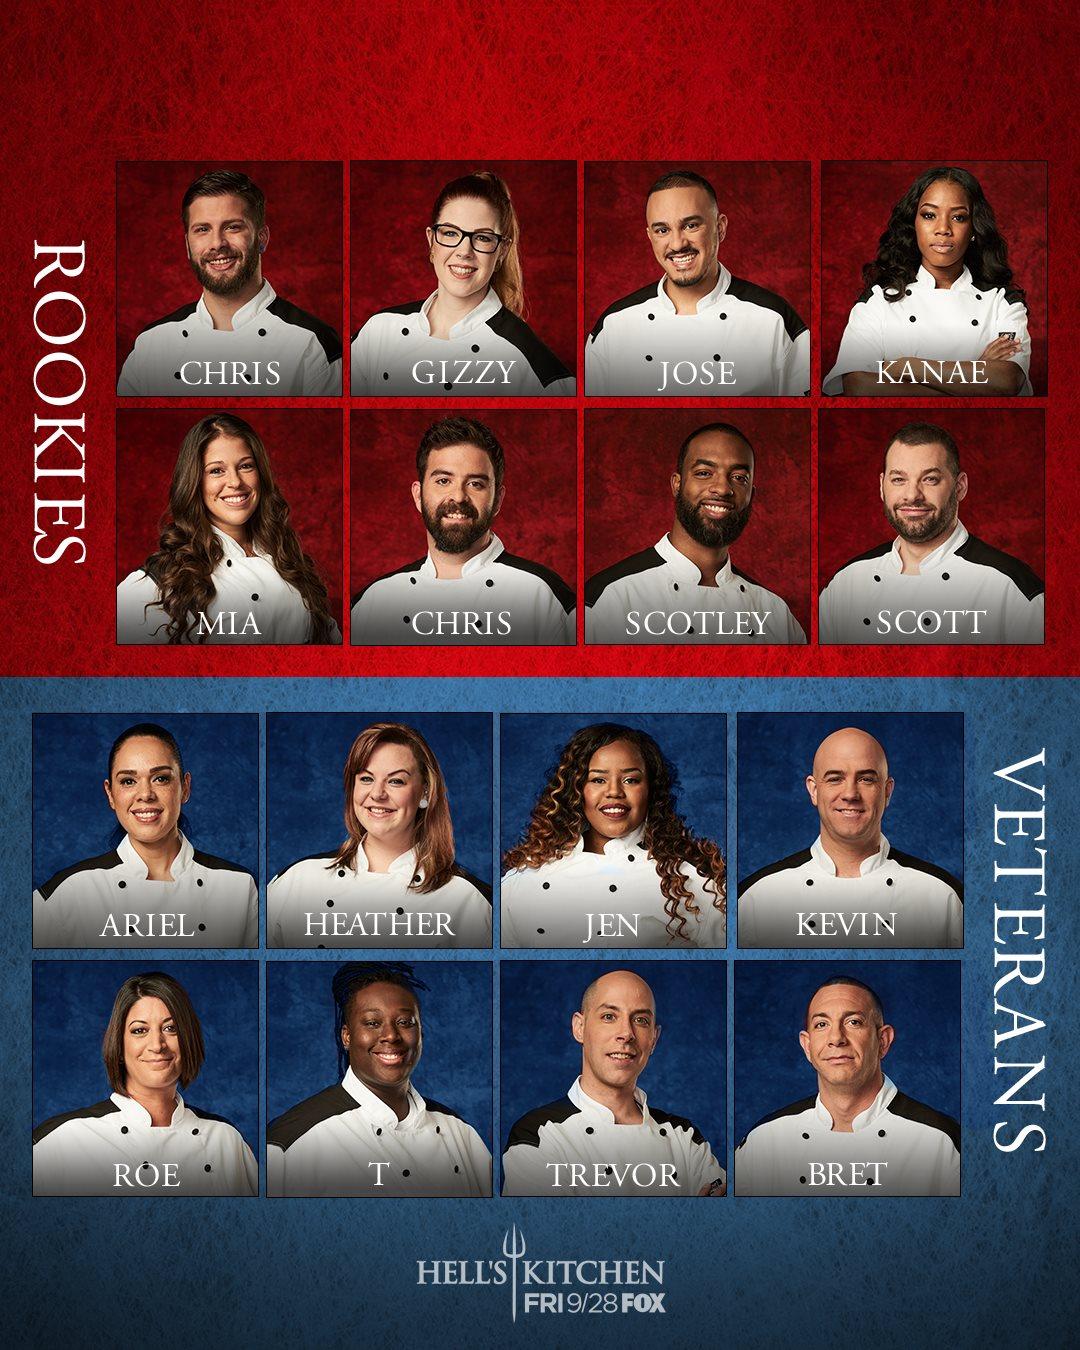 有八位参加过比赛并且最终被淘汰的将会回来参加全新一季地狱厨房!